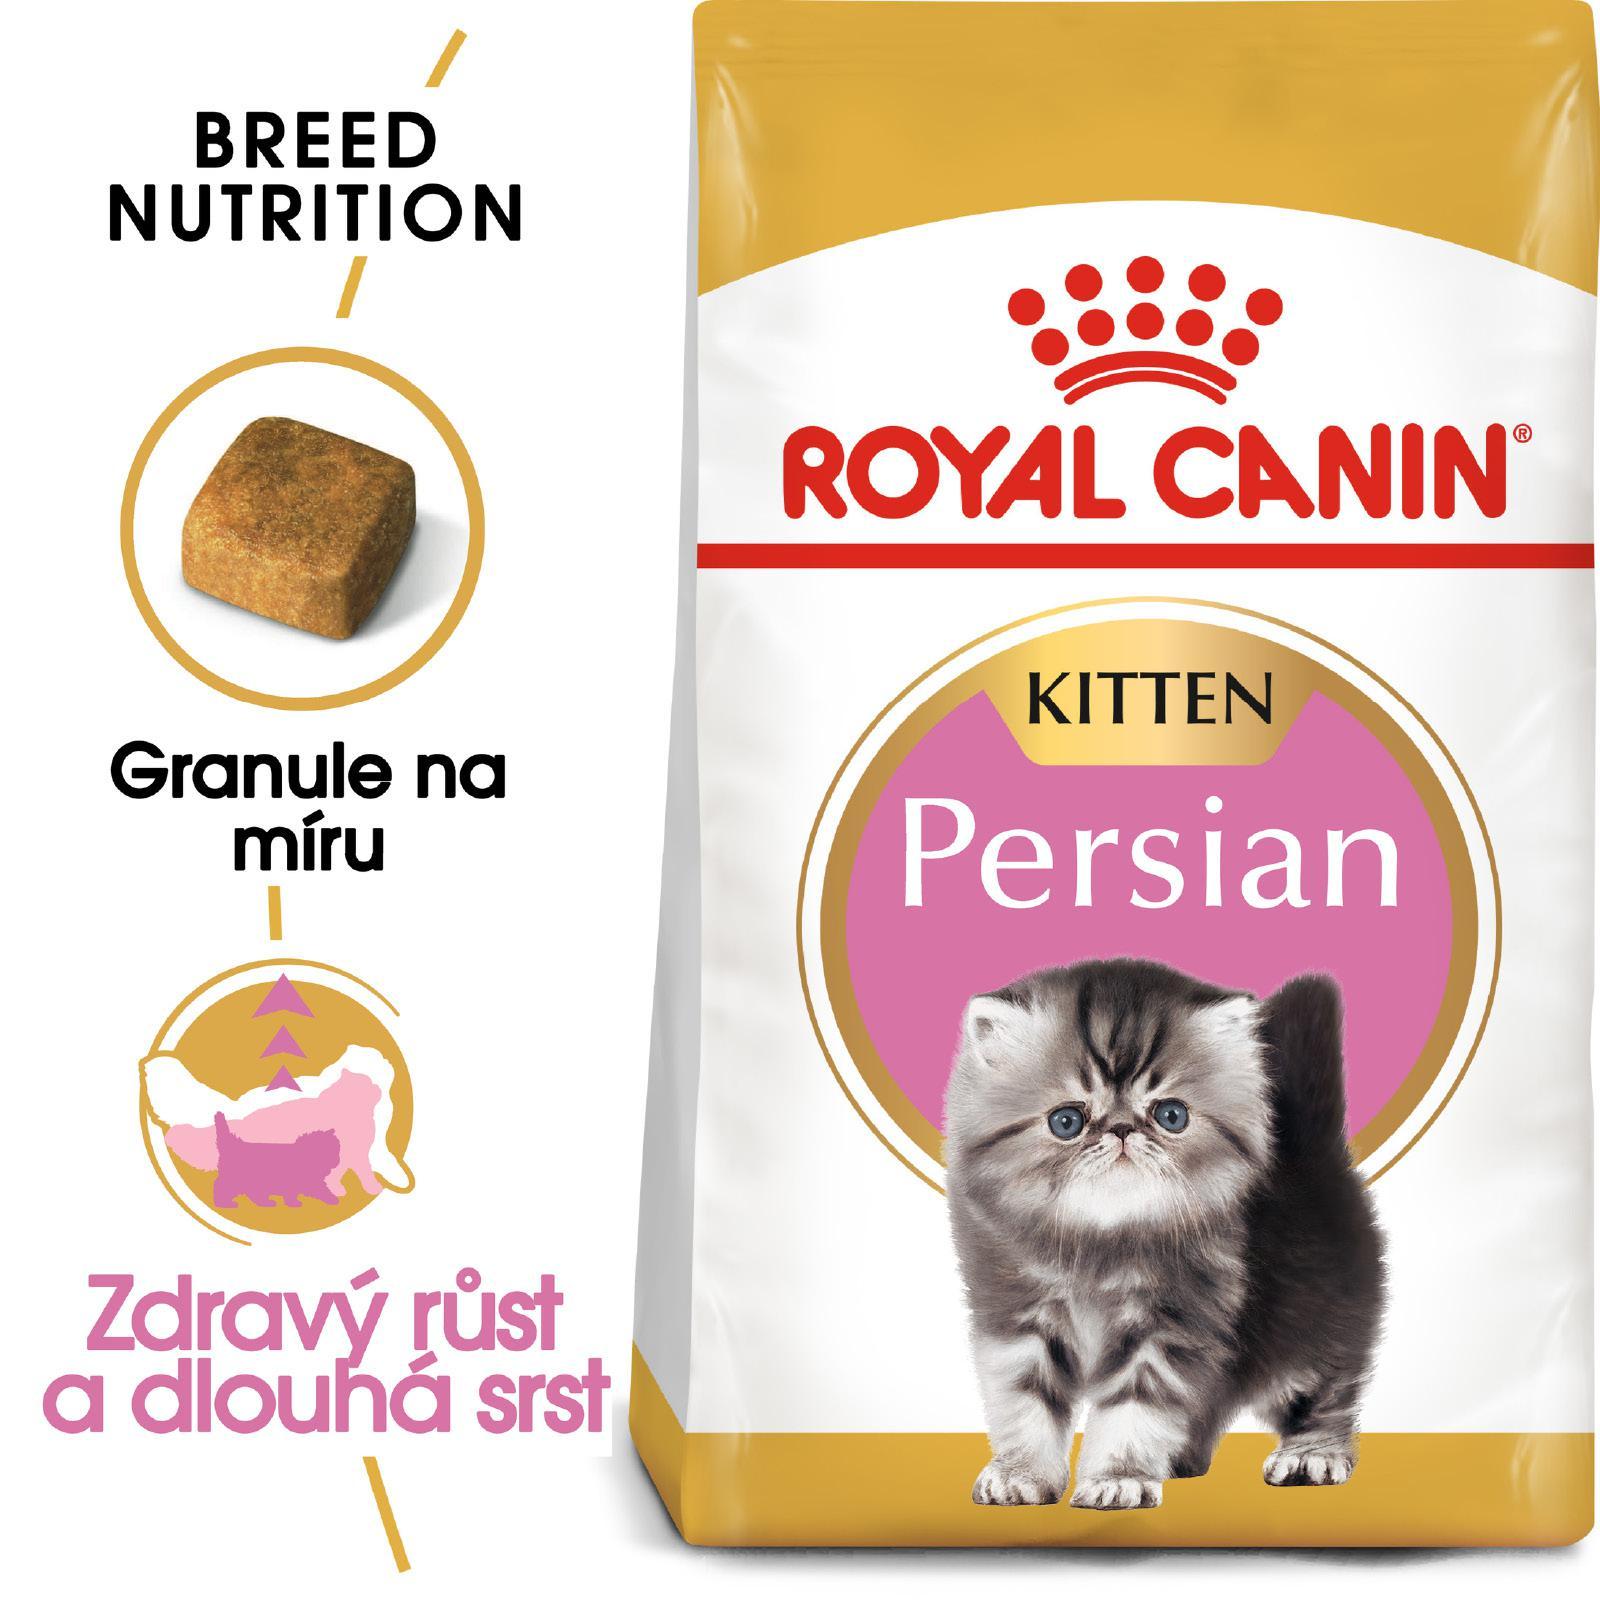 Royal Canin KITTEN PERSKÁ - granule pro perská koťata - 2kg